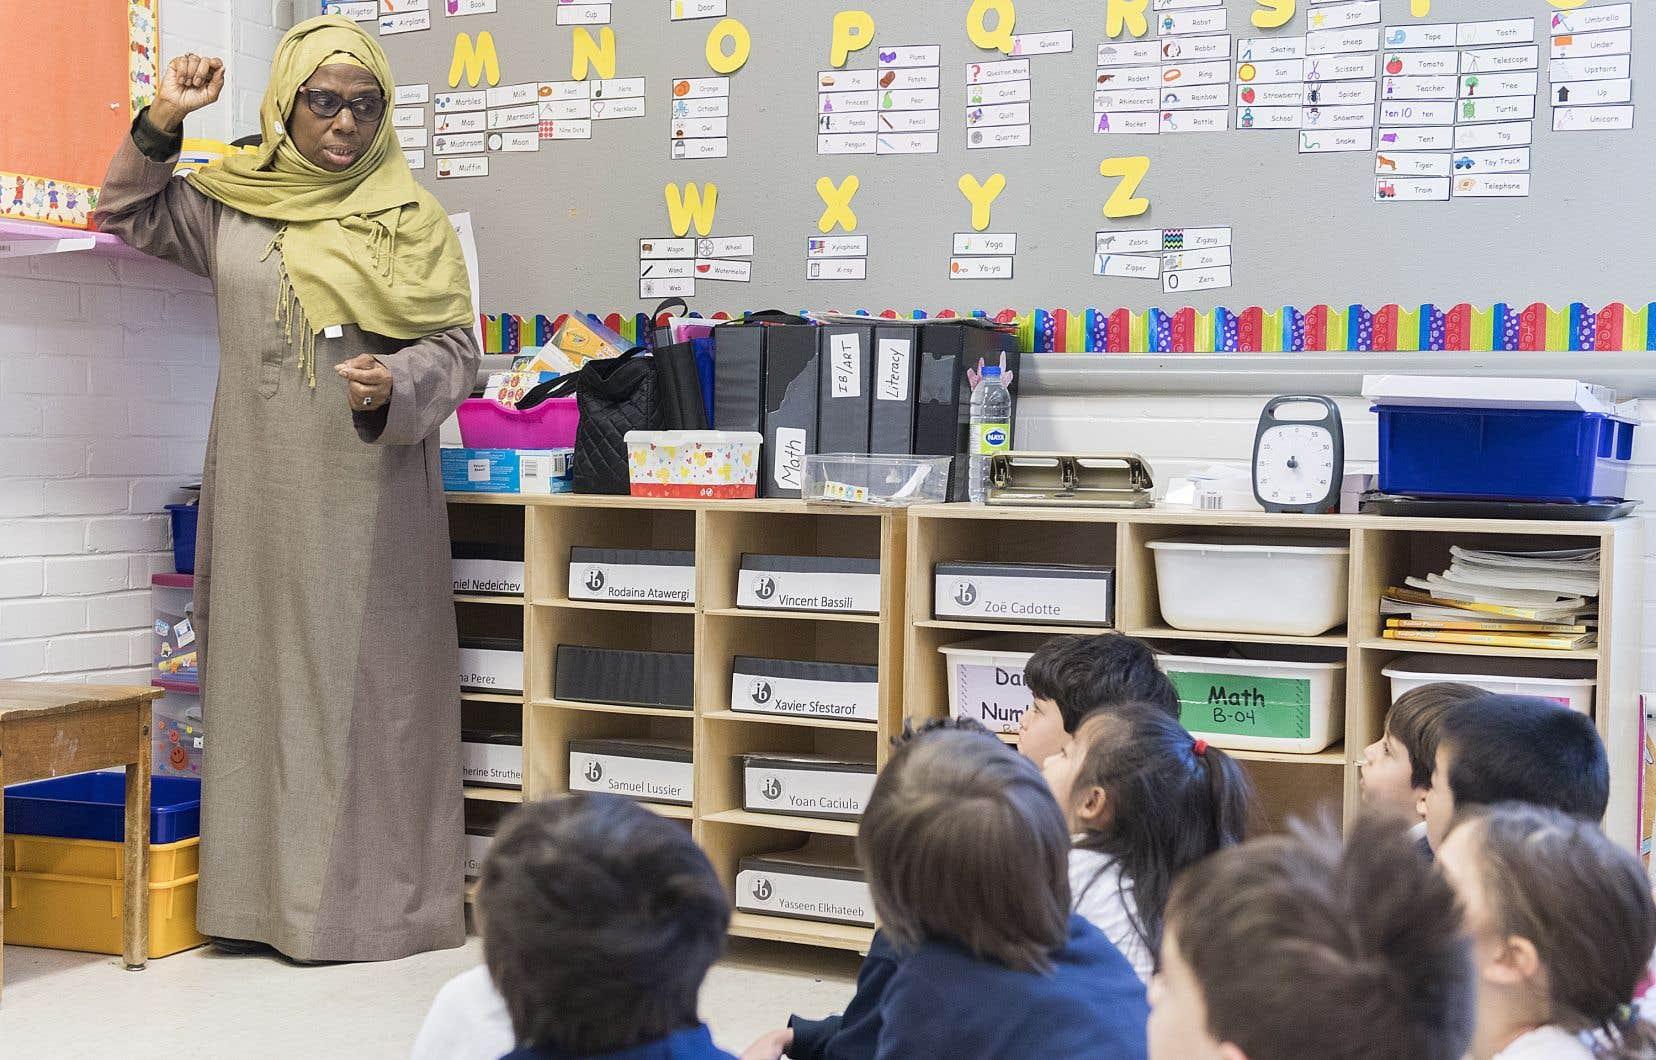 Les auteurs s'estiment préoccupés par la conception de l'école qui sous-tend le désir d'interdire aux enseignants, pour la plupart enseignantes, le port de signes religieux.